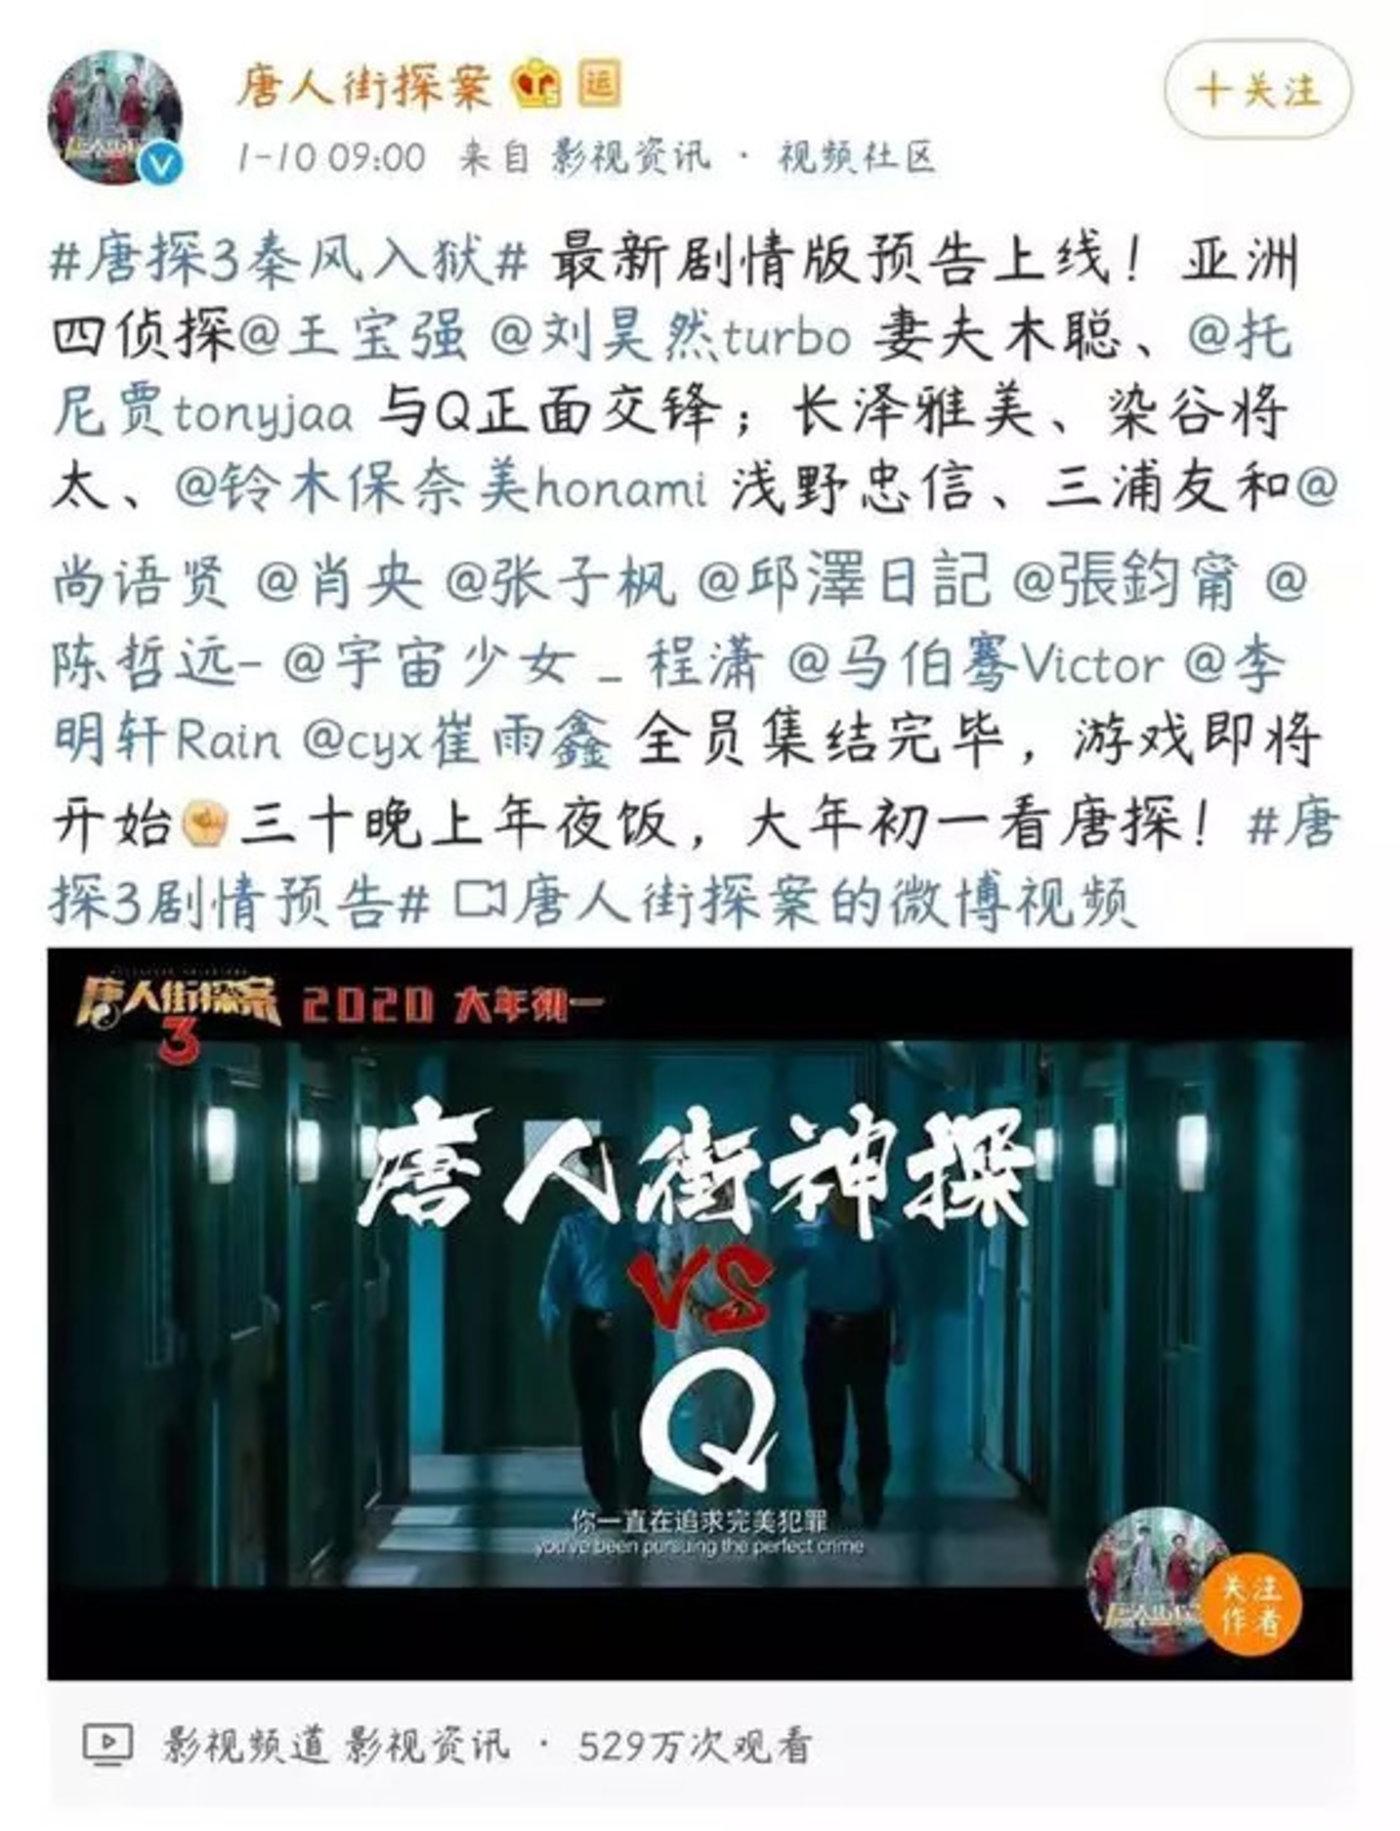 """(《唐探3》预告中也以""""Q现身""""为宣传卖点)"""